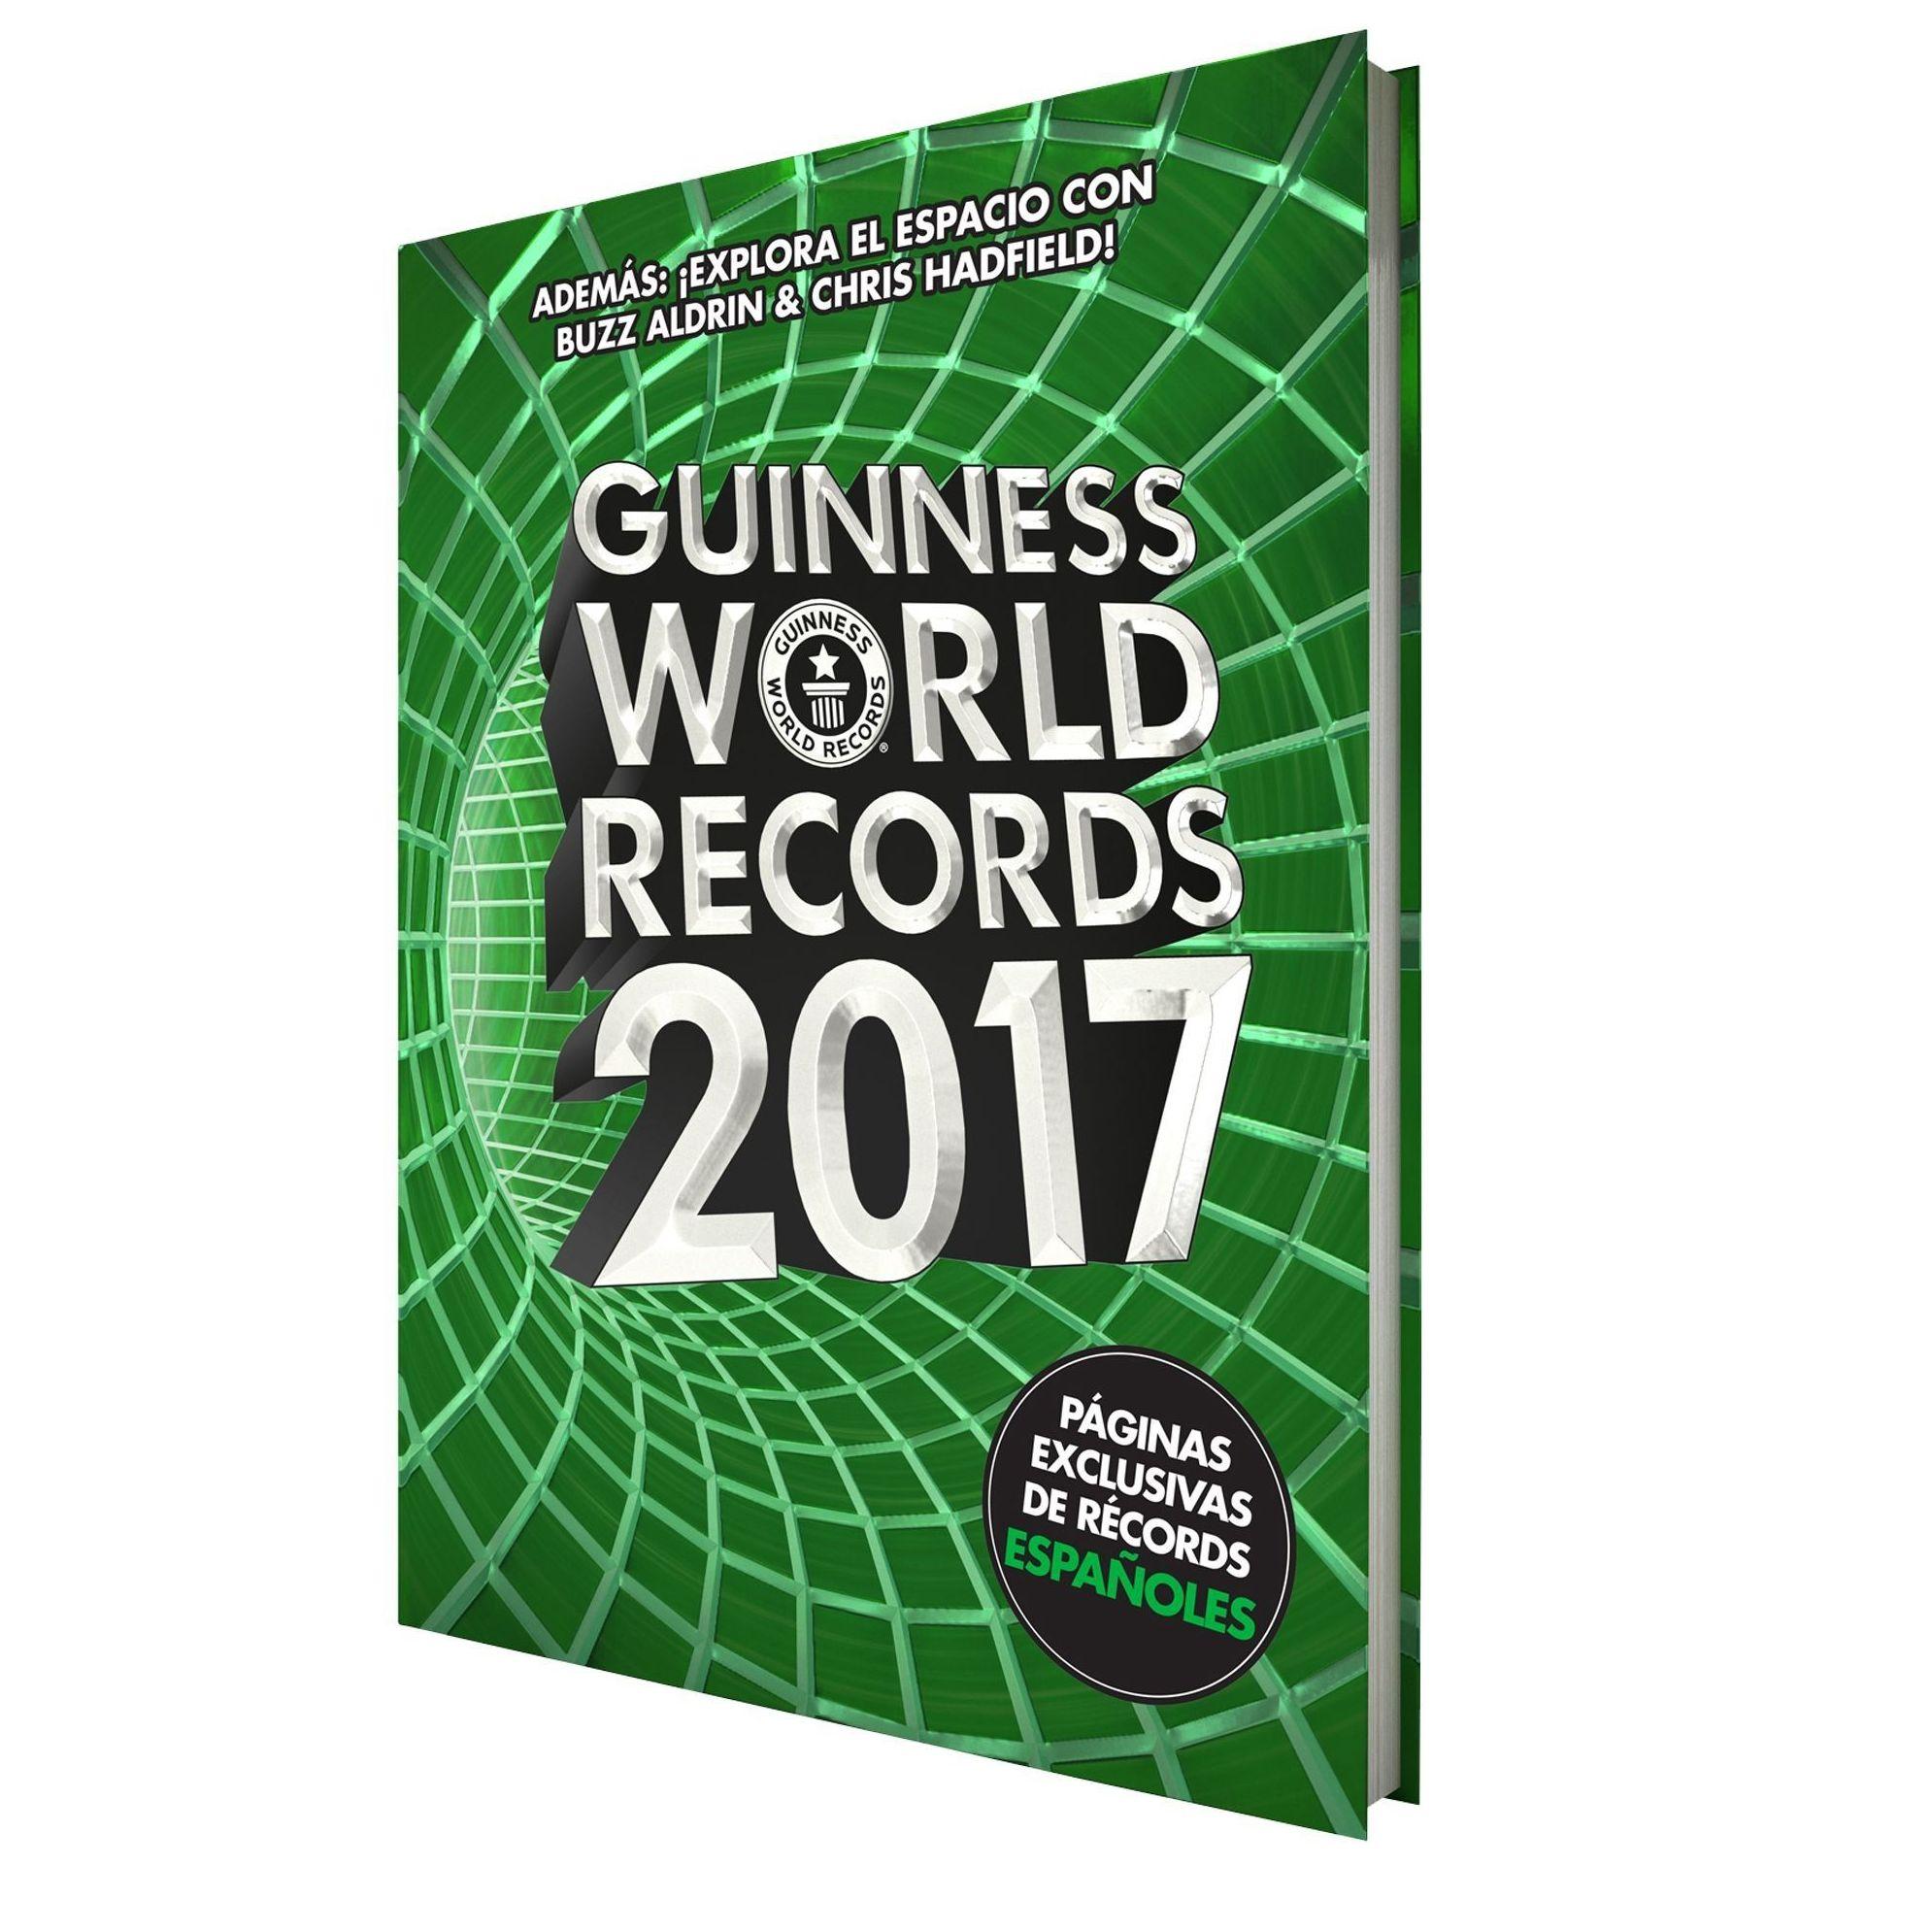 GUINNESS WORLD RECORDS 2017. PRECIO ESPECIAL